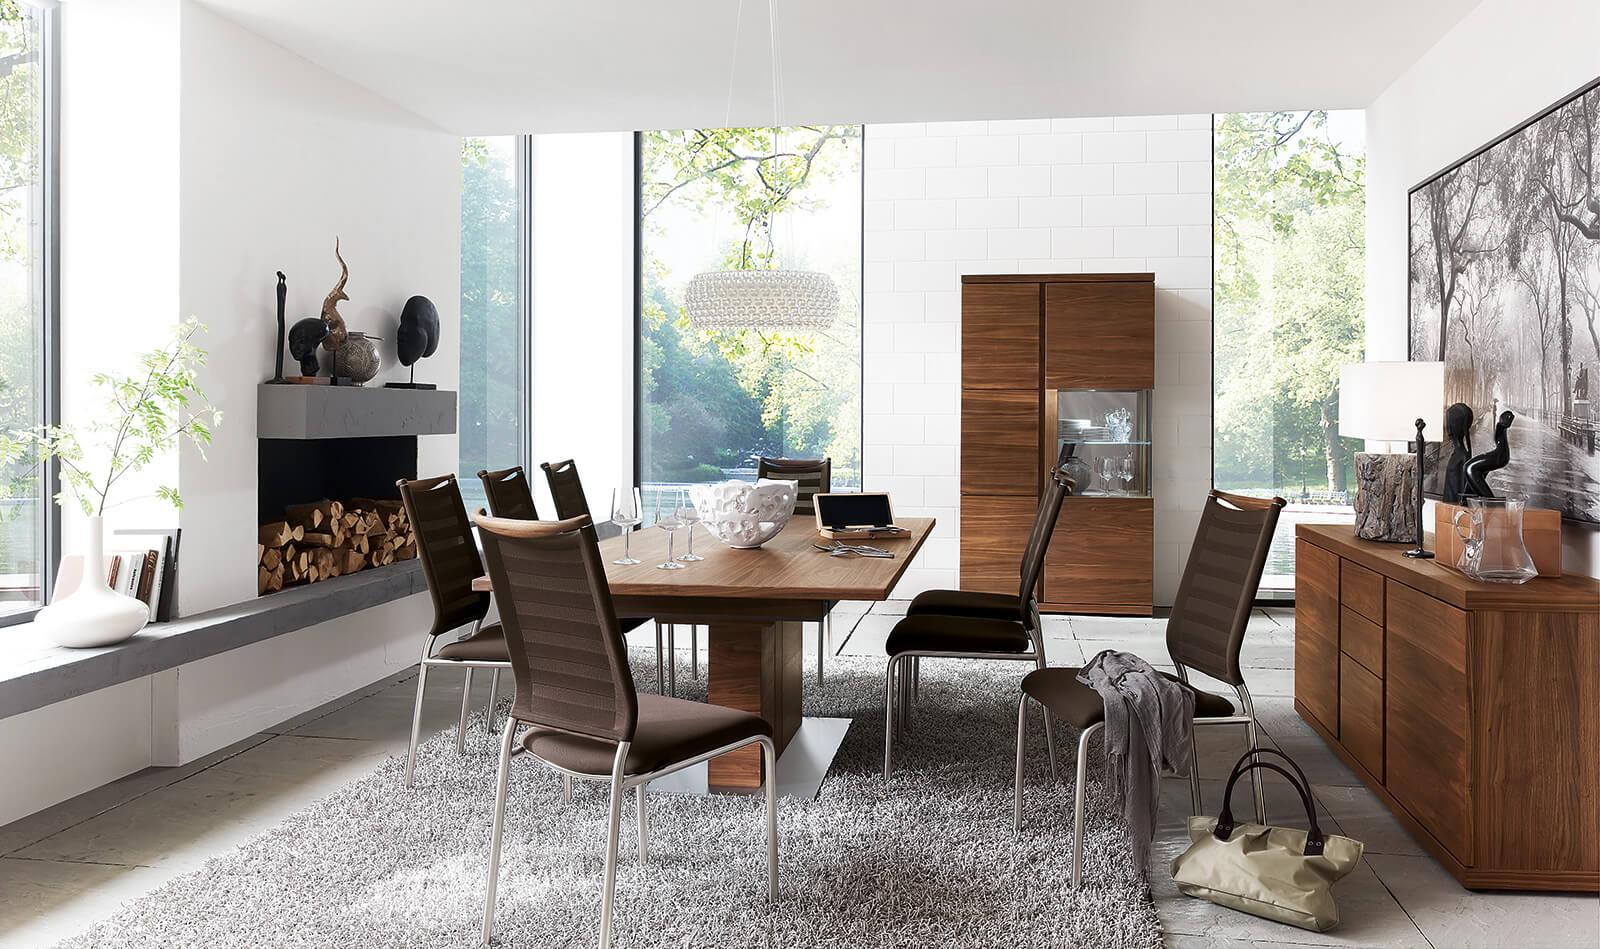 esszimmer programme v plus 6 0 venjakob m bel vorsprung durch design und qualit t. Black Bedroom Furniture Sets. Home Design Ideas